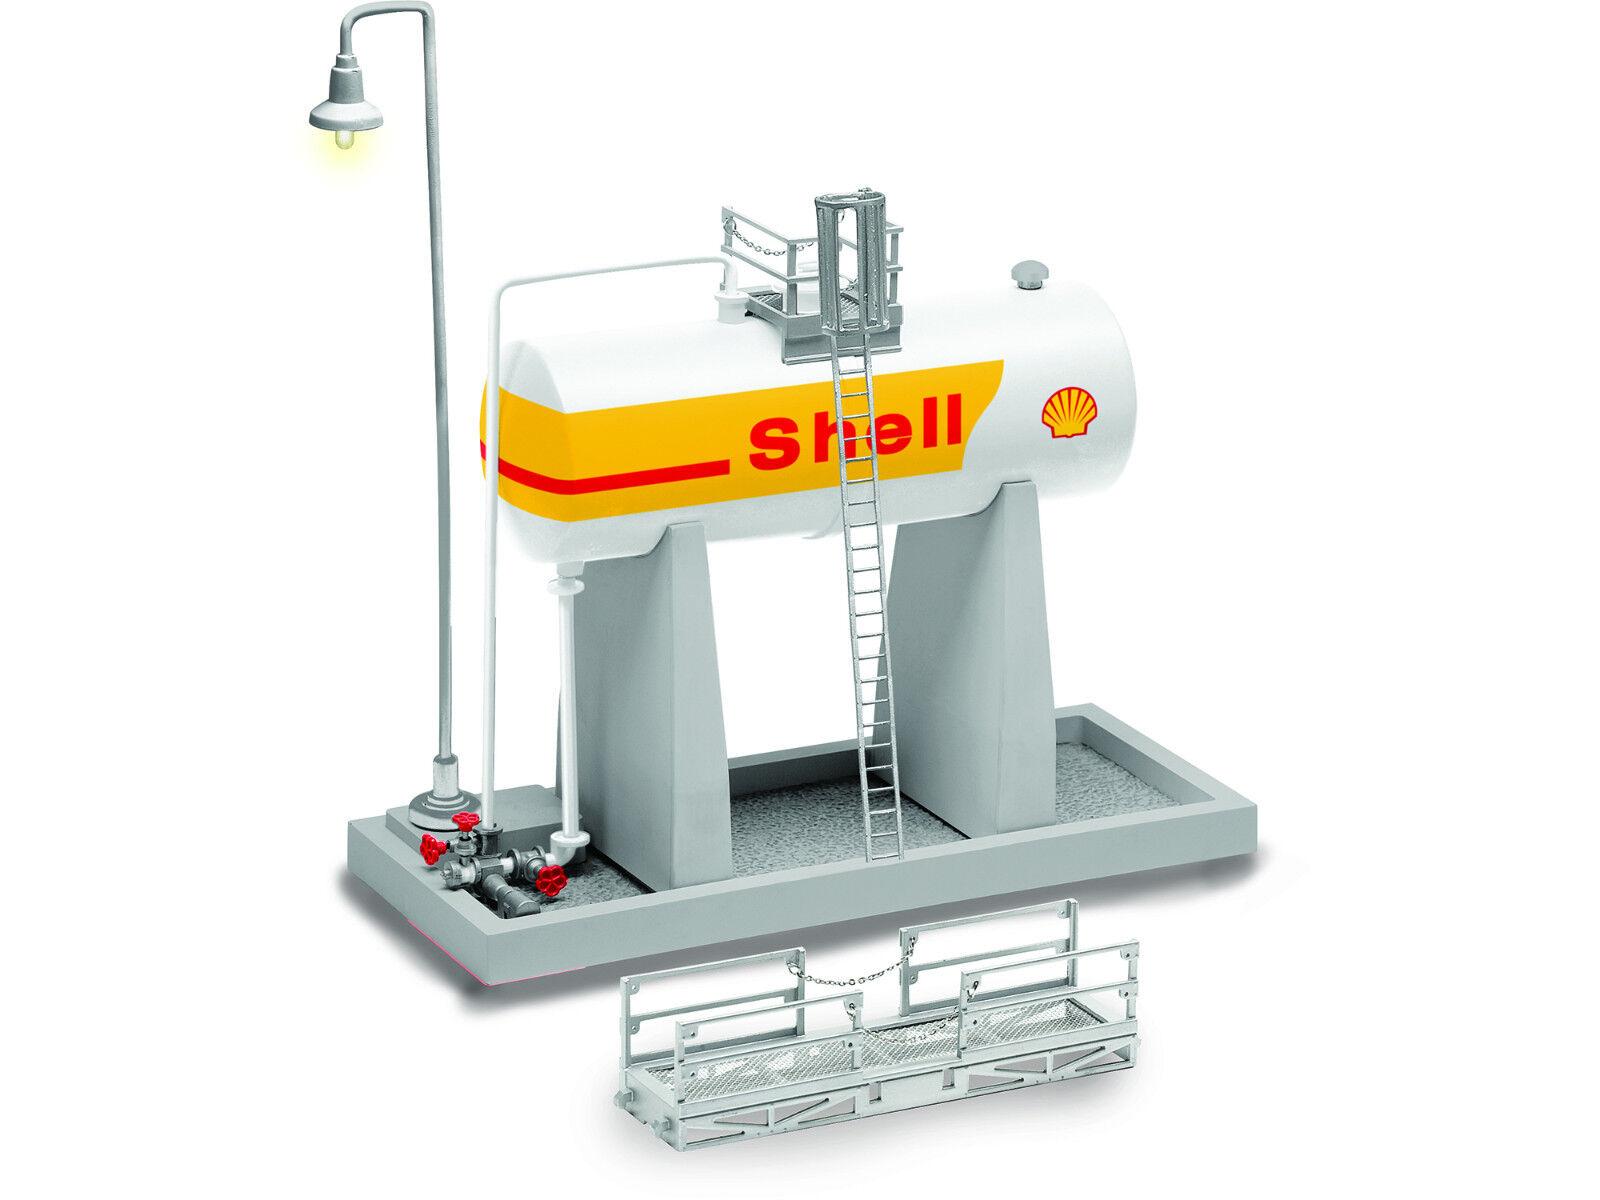 Lionel Shell elevación de depósito de aceite